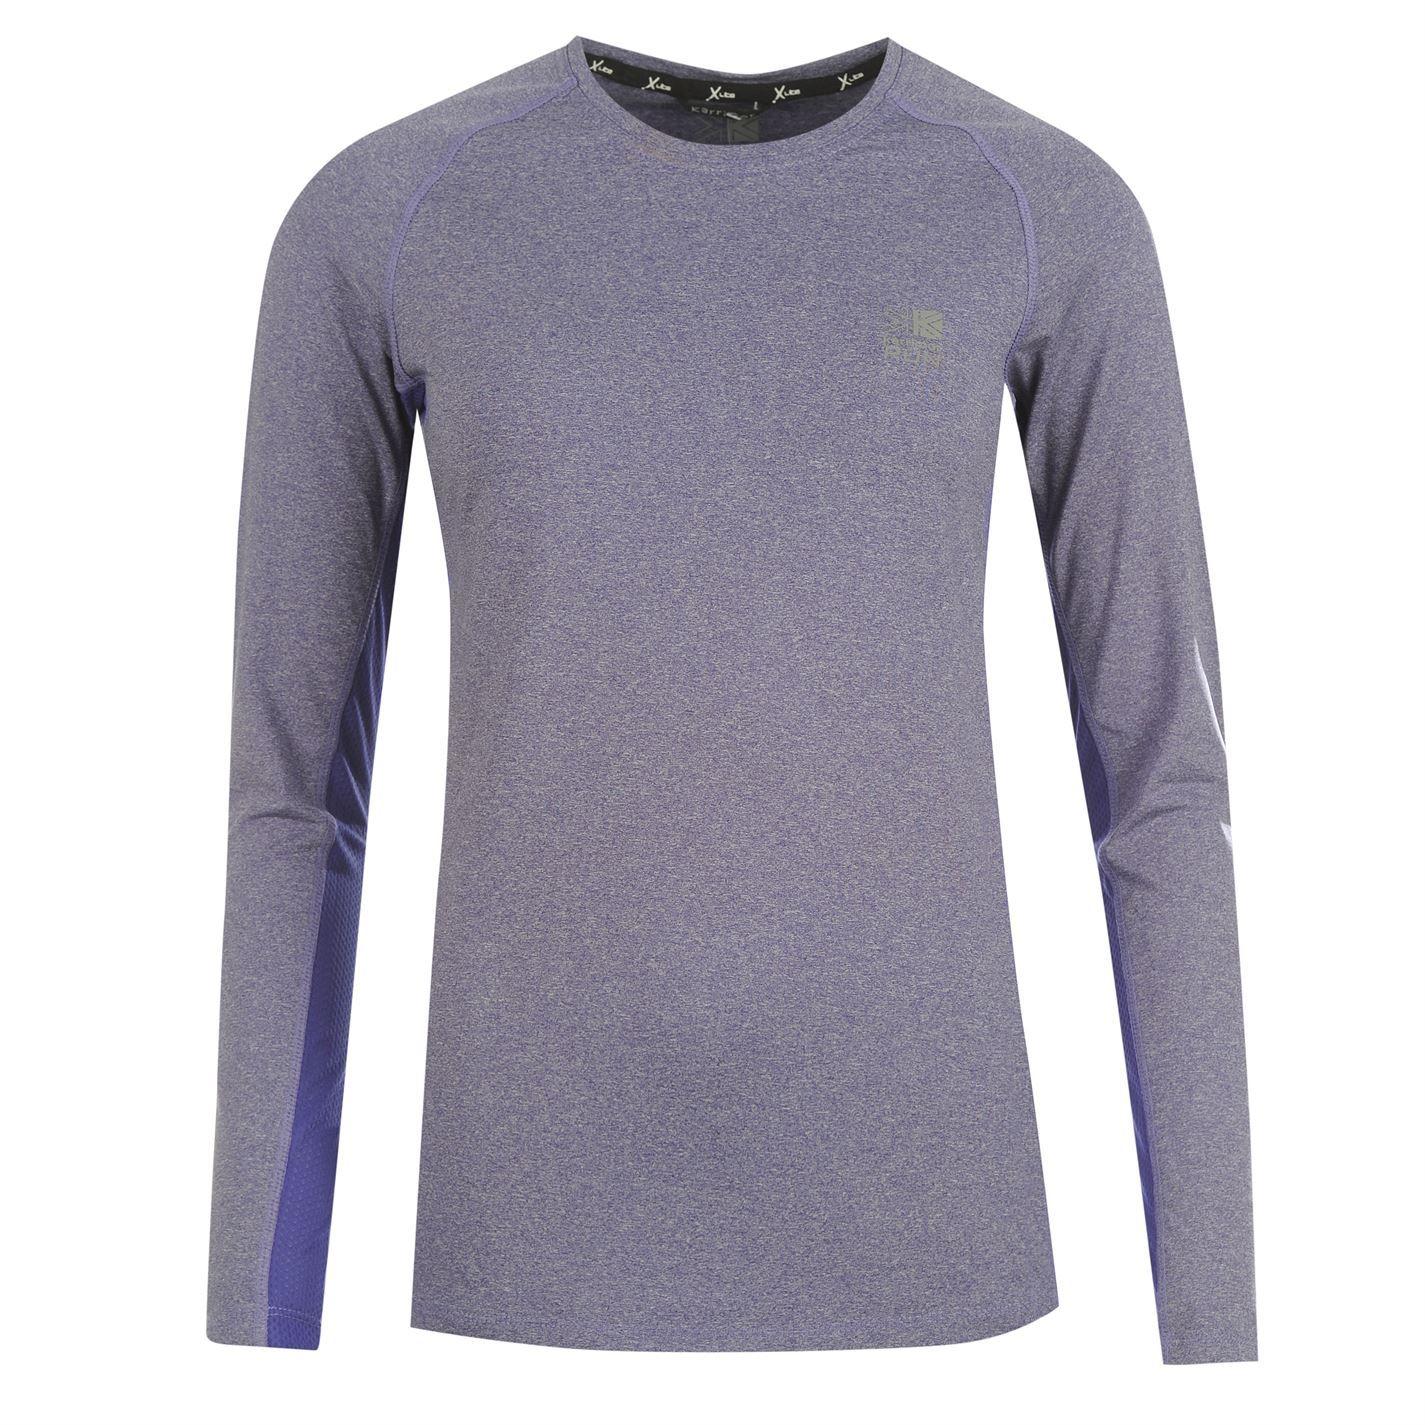 Karrimor | Karrimor Xlite T Shirt Ladies | Ladies Running Top